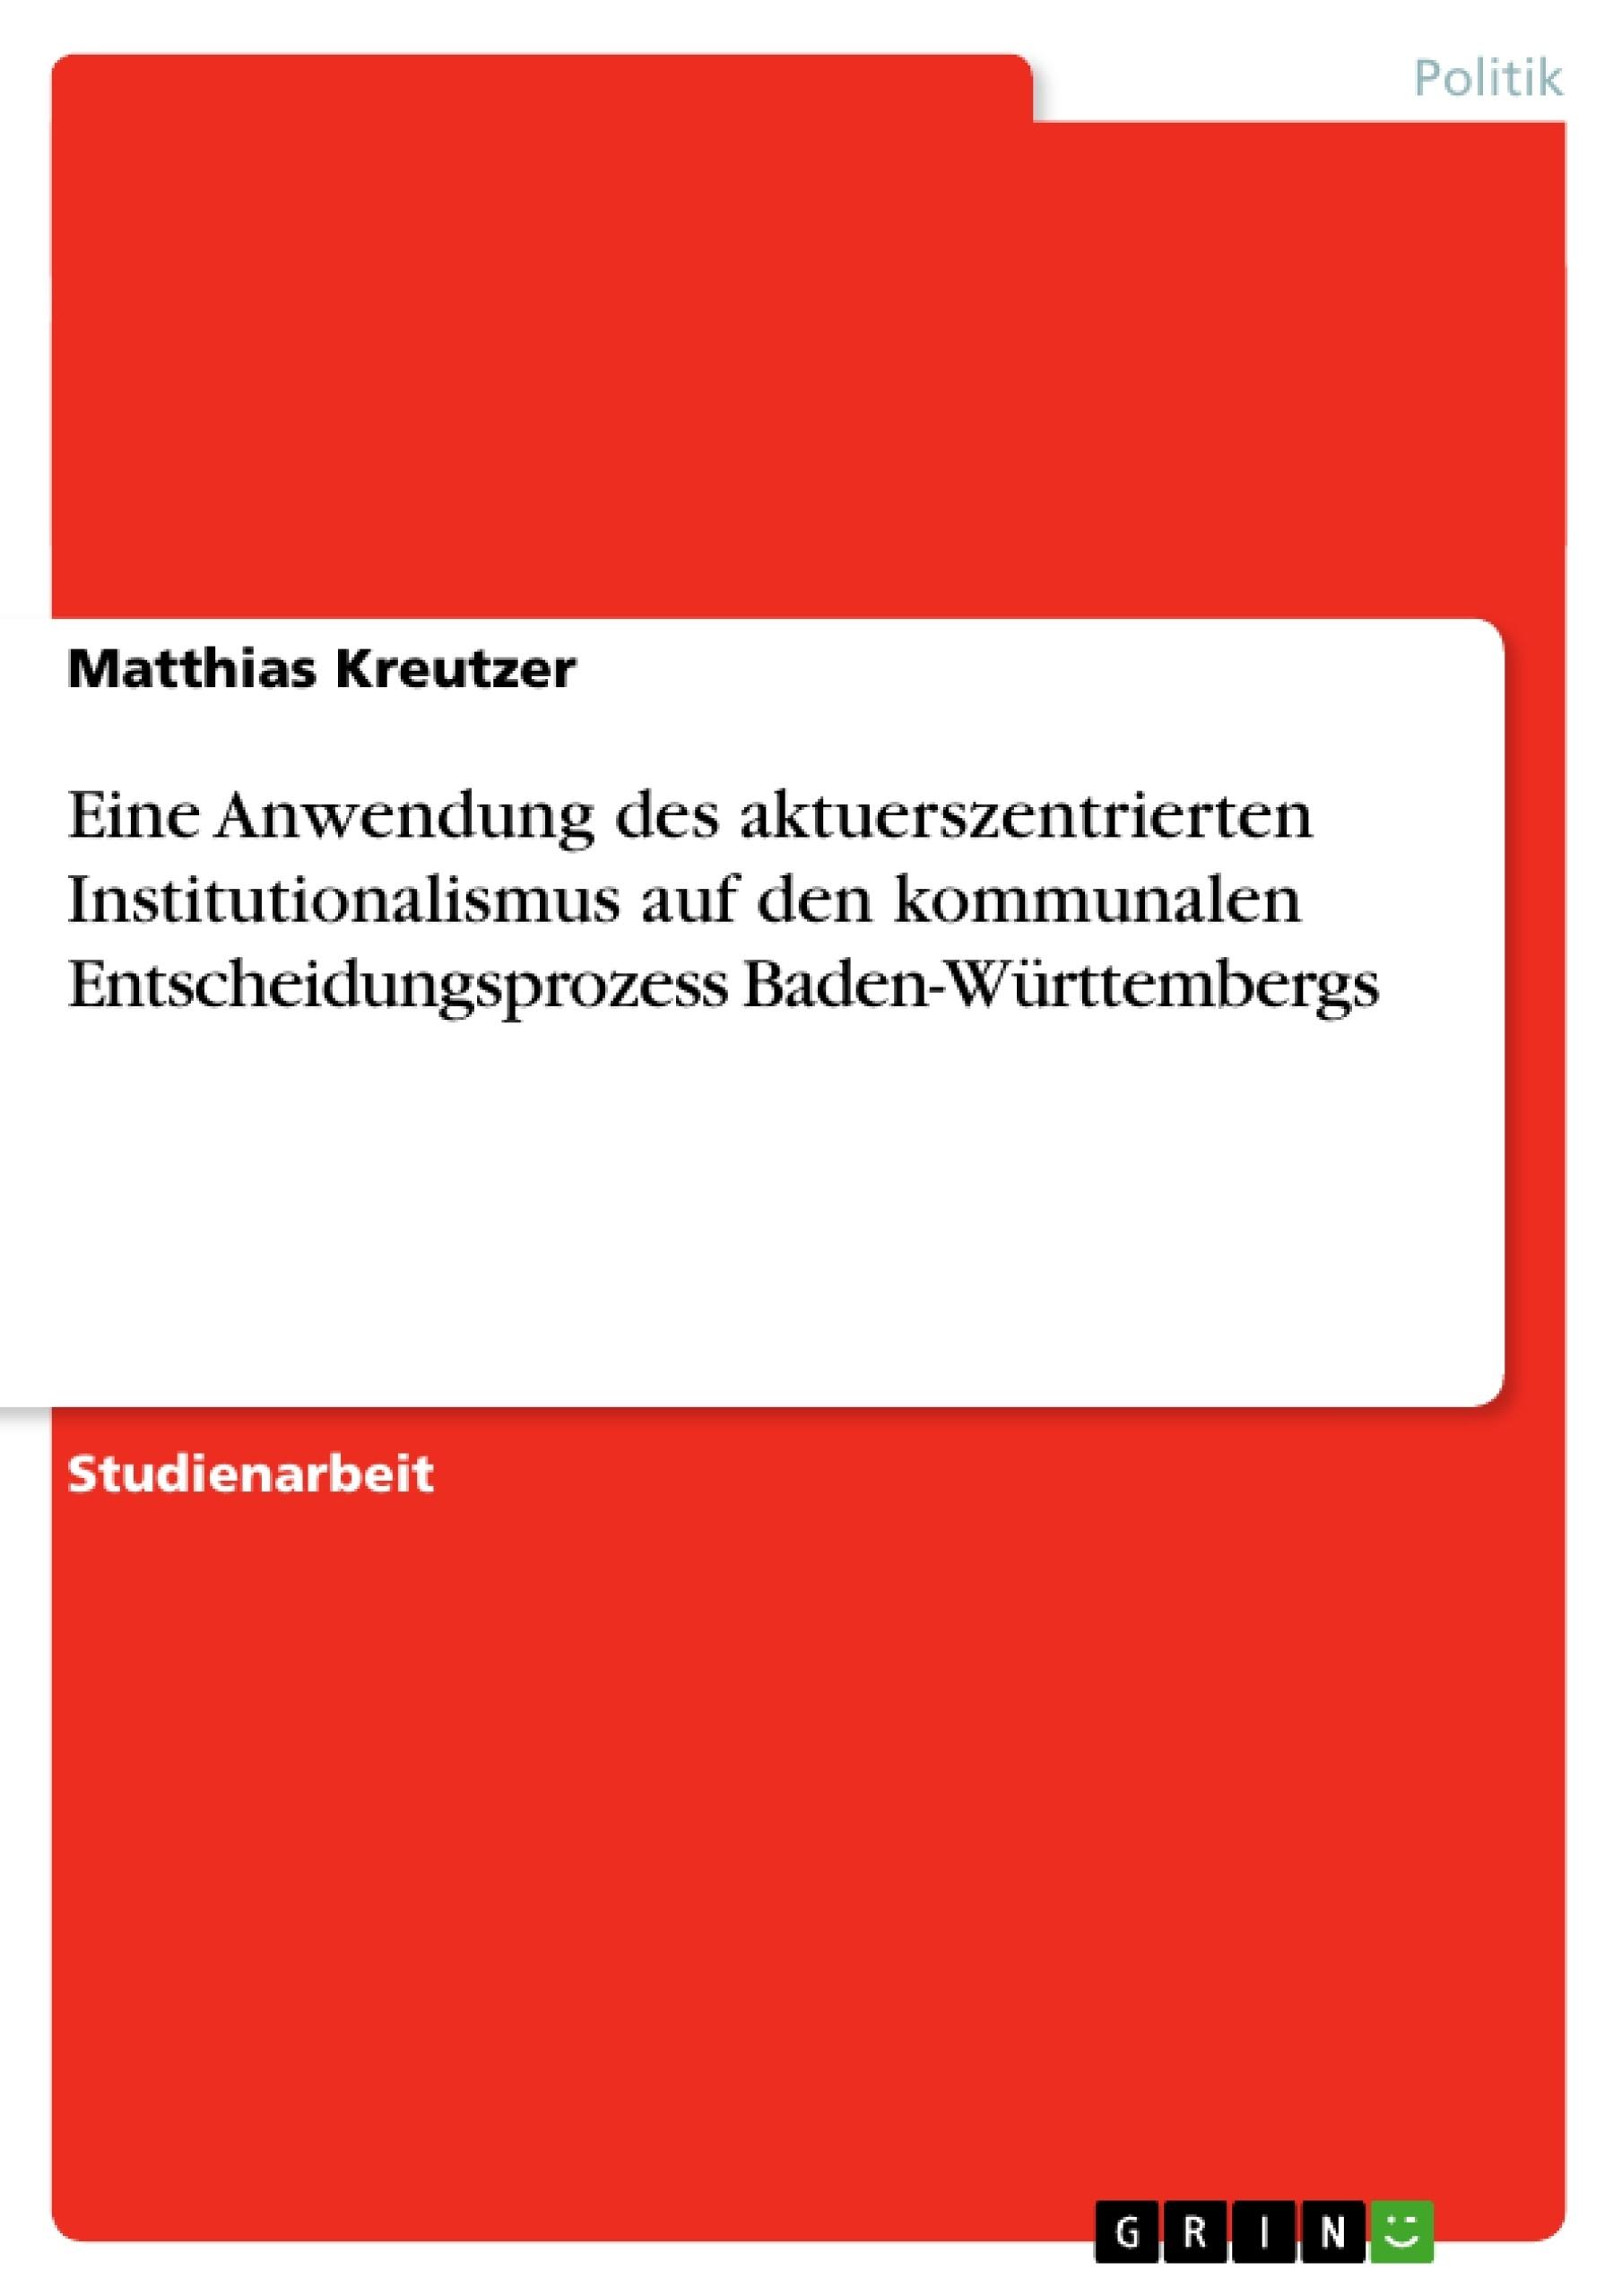 Titel: Eine Anwendung des aktuerszentrierten Institutionalismus auf den kommunalen Entscheidungsprozess Baden-Württembergs